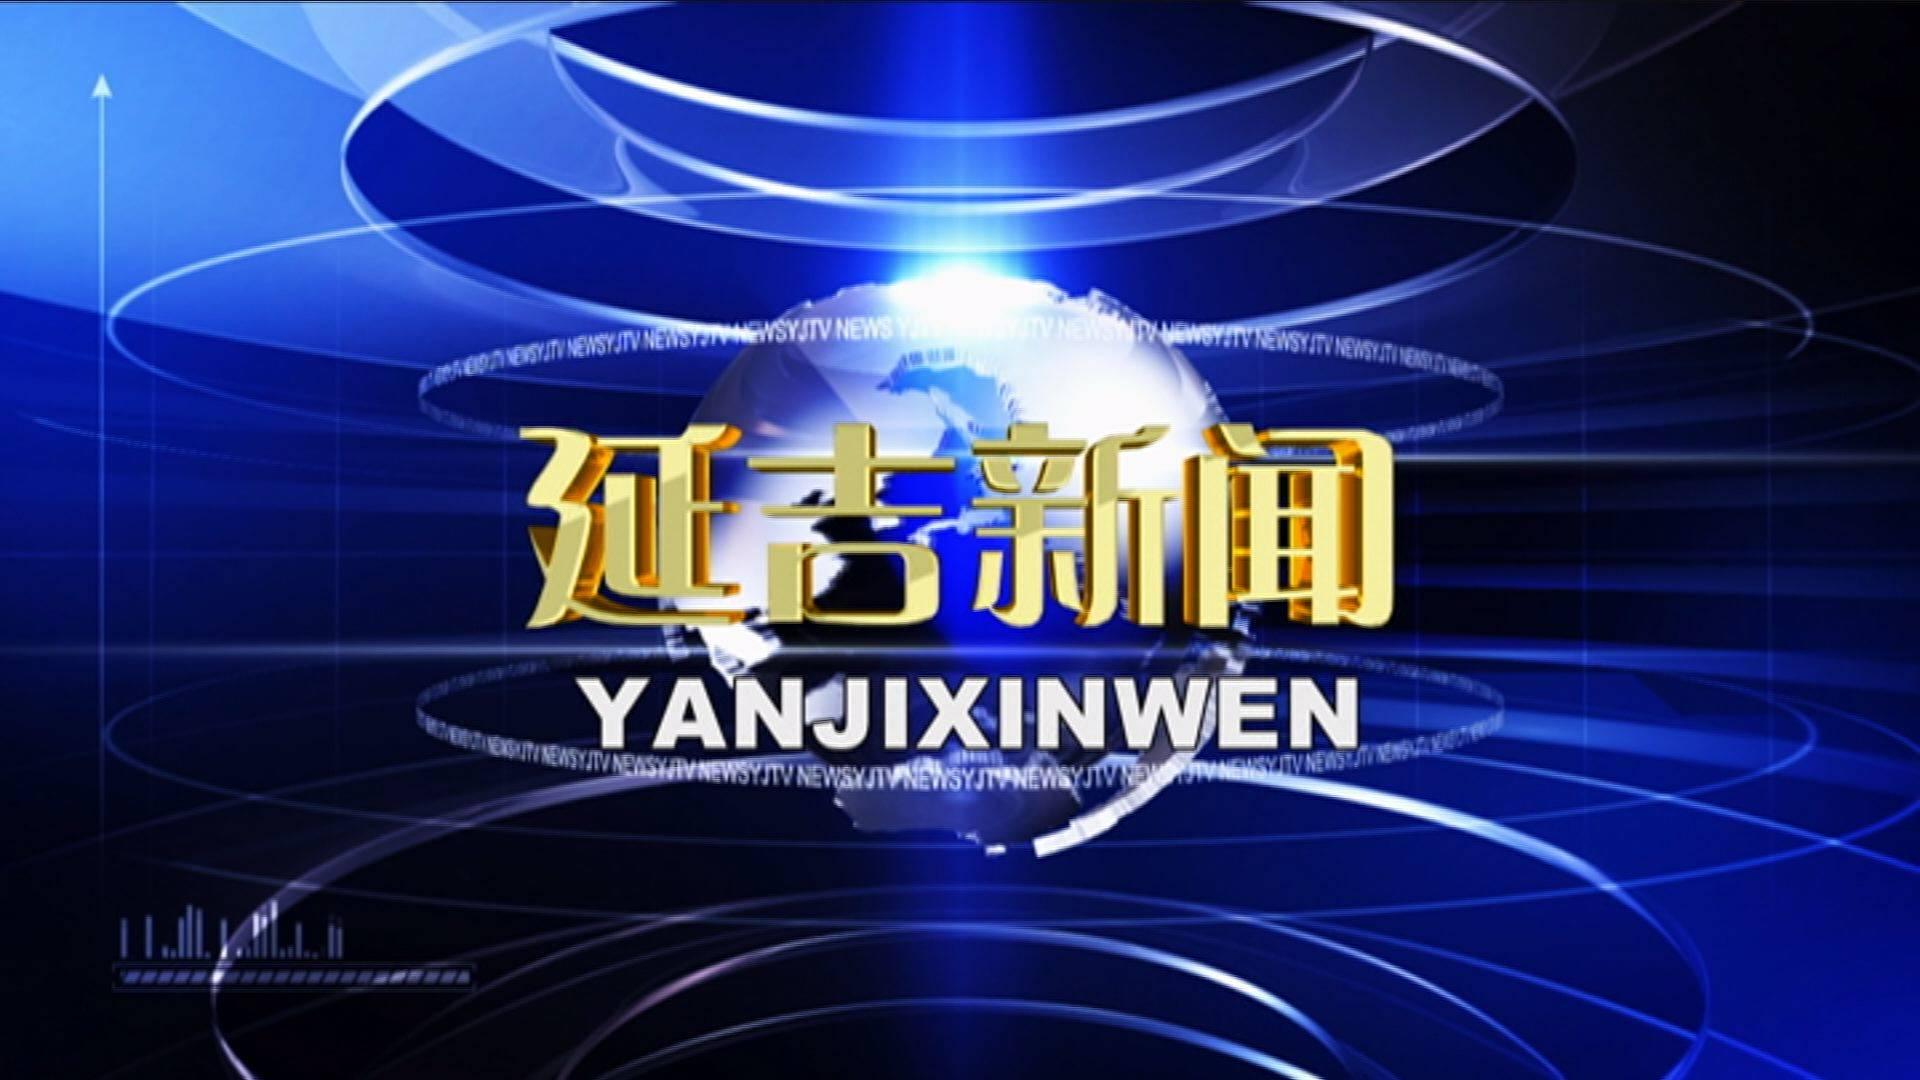 20220. 11. 12 延吉新闻